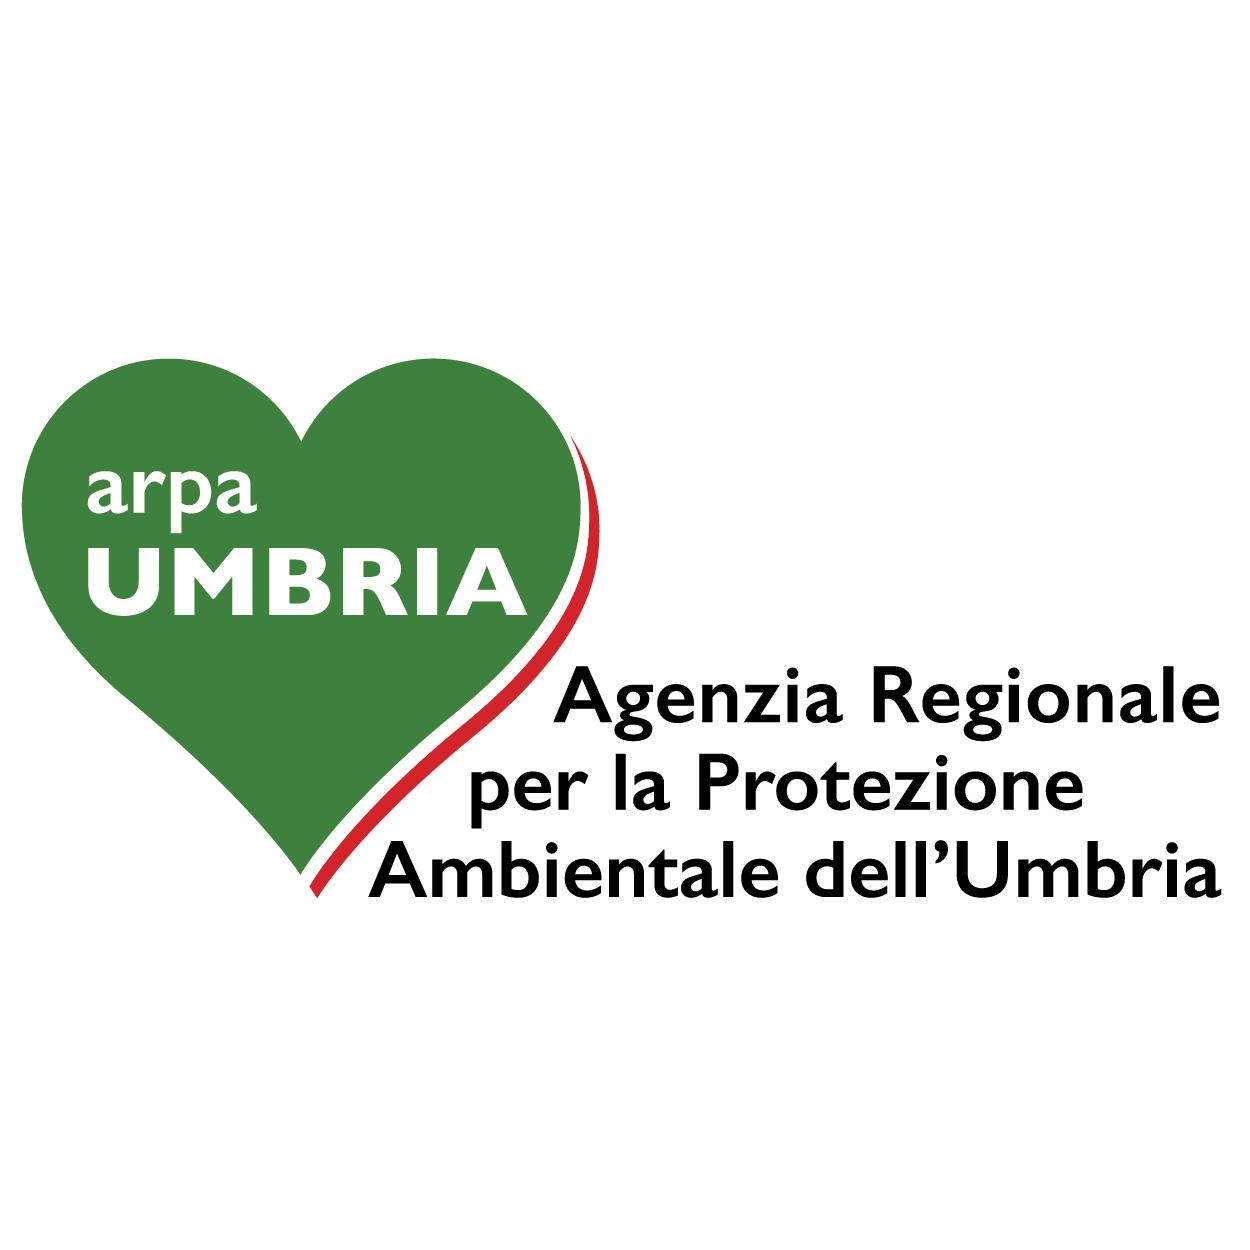 Arpa Umbria